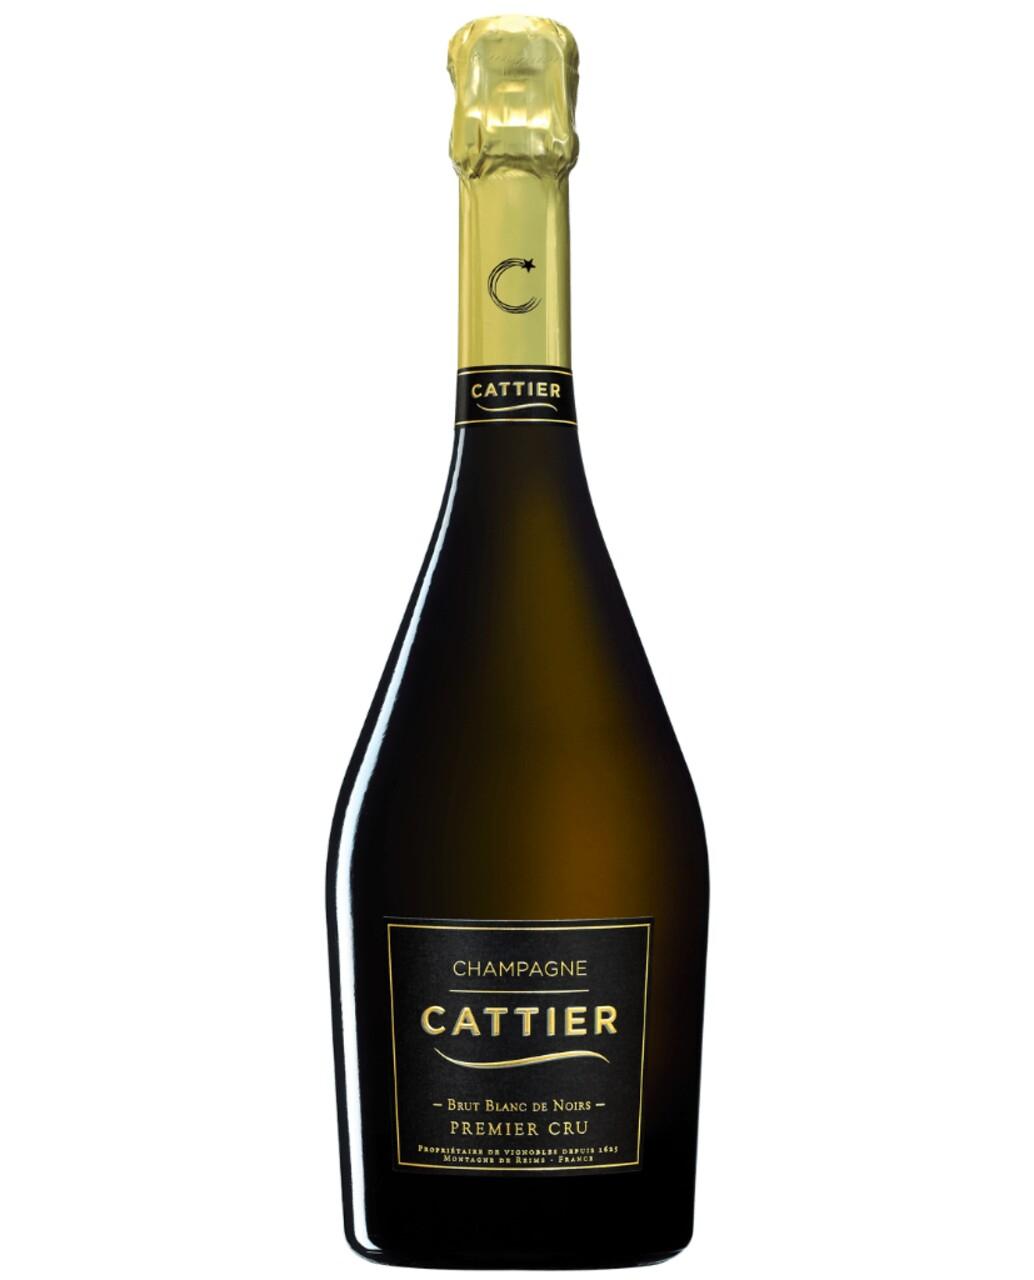 Sampanie Cattier Brut Blanc De Noirs Premier CRU